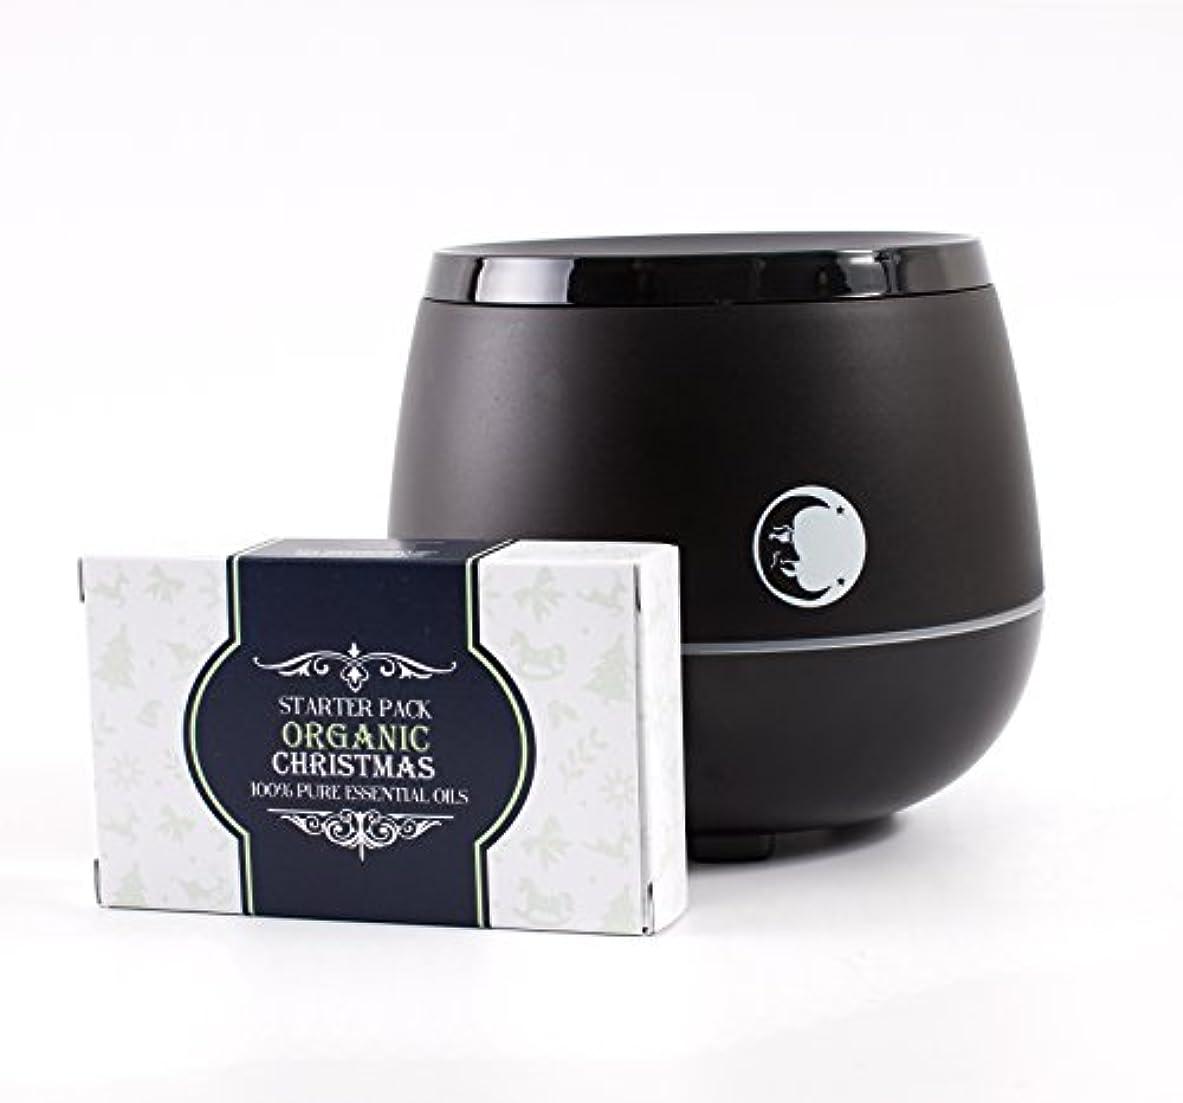 捕虜電圧致命的Mystic Moments | Black Aromatherapy Oil Ultrasonic Diffuser With Bluetooth Speaker & LED Lights + Organic Christmas Essential Oil Gift Starter Pack